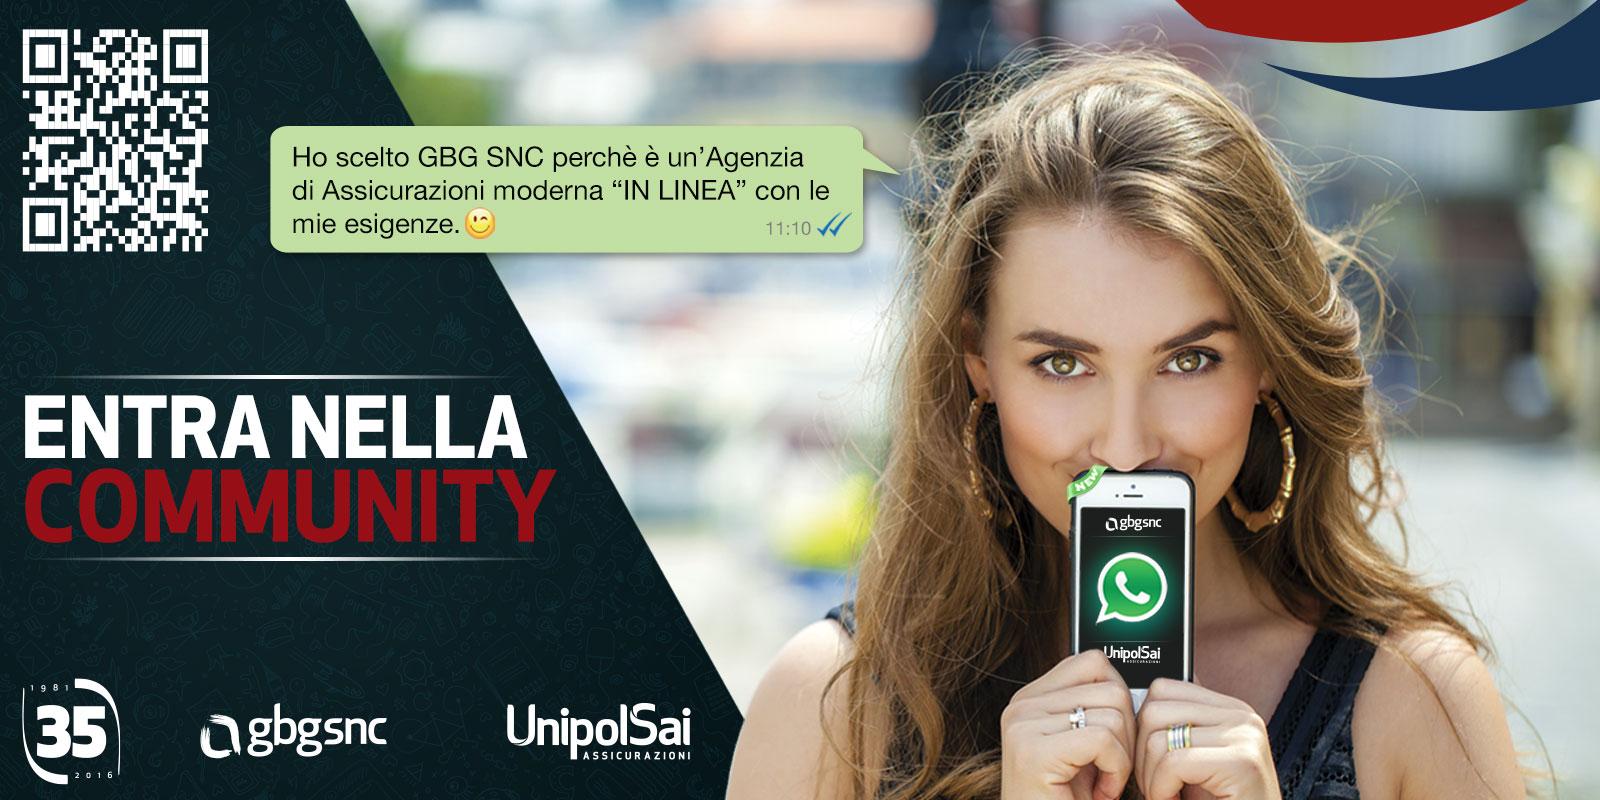 whatsapp-entra-nella-community